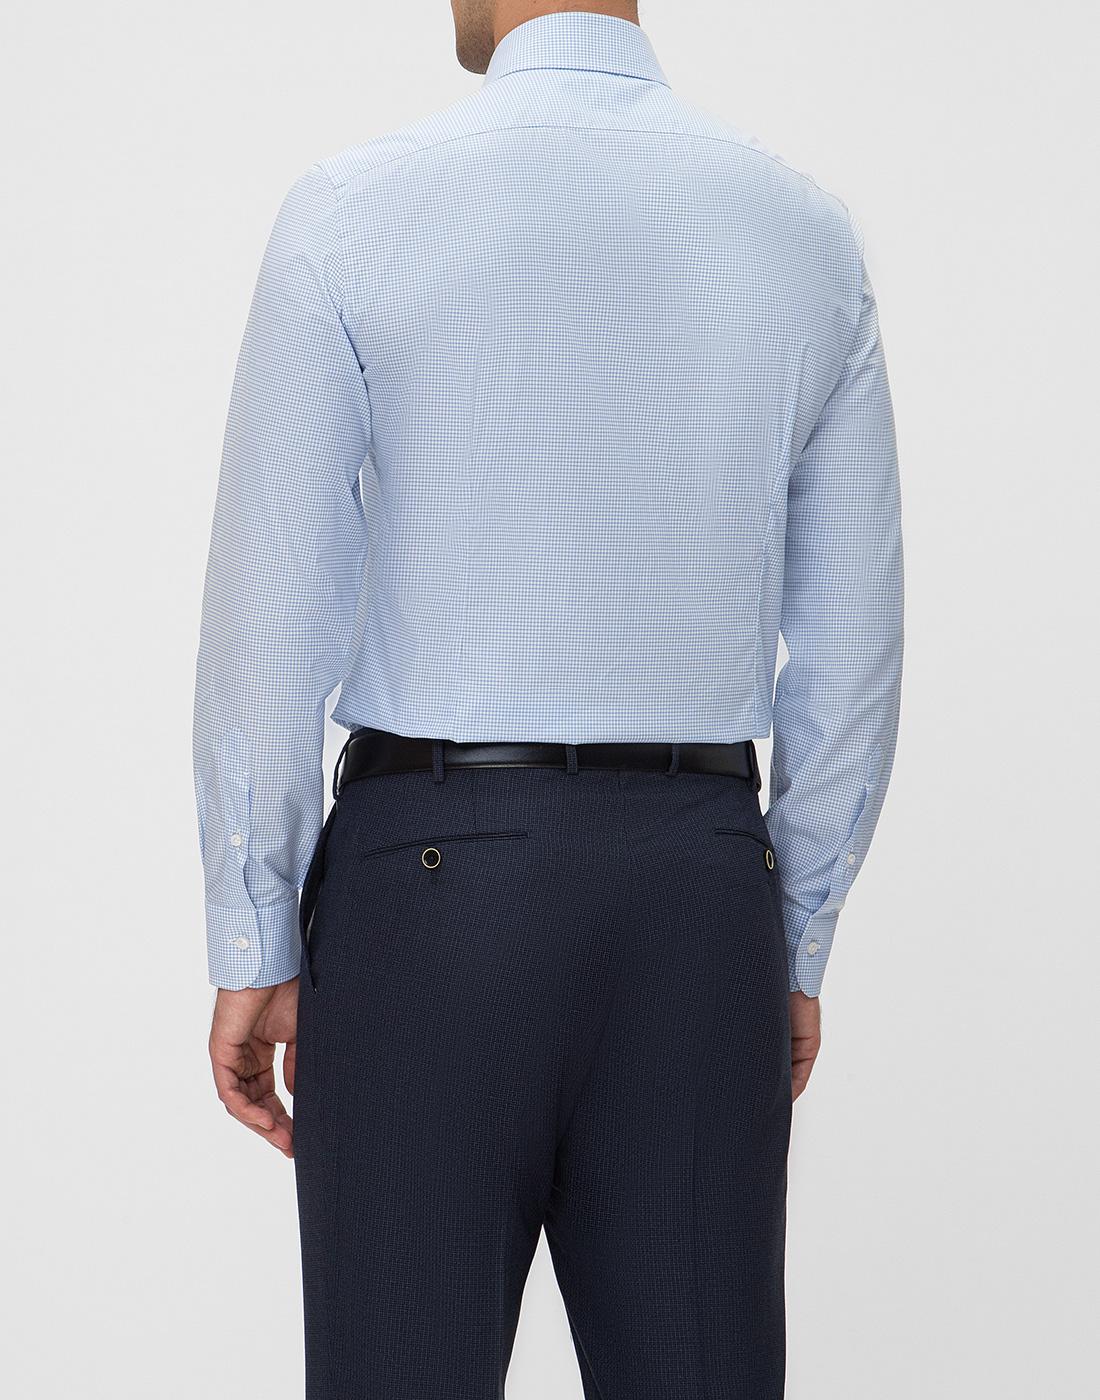 Мужская голубая рубашка в клетку Barba SD4U132593804U-4